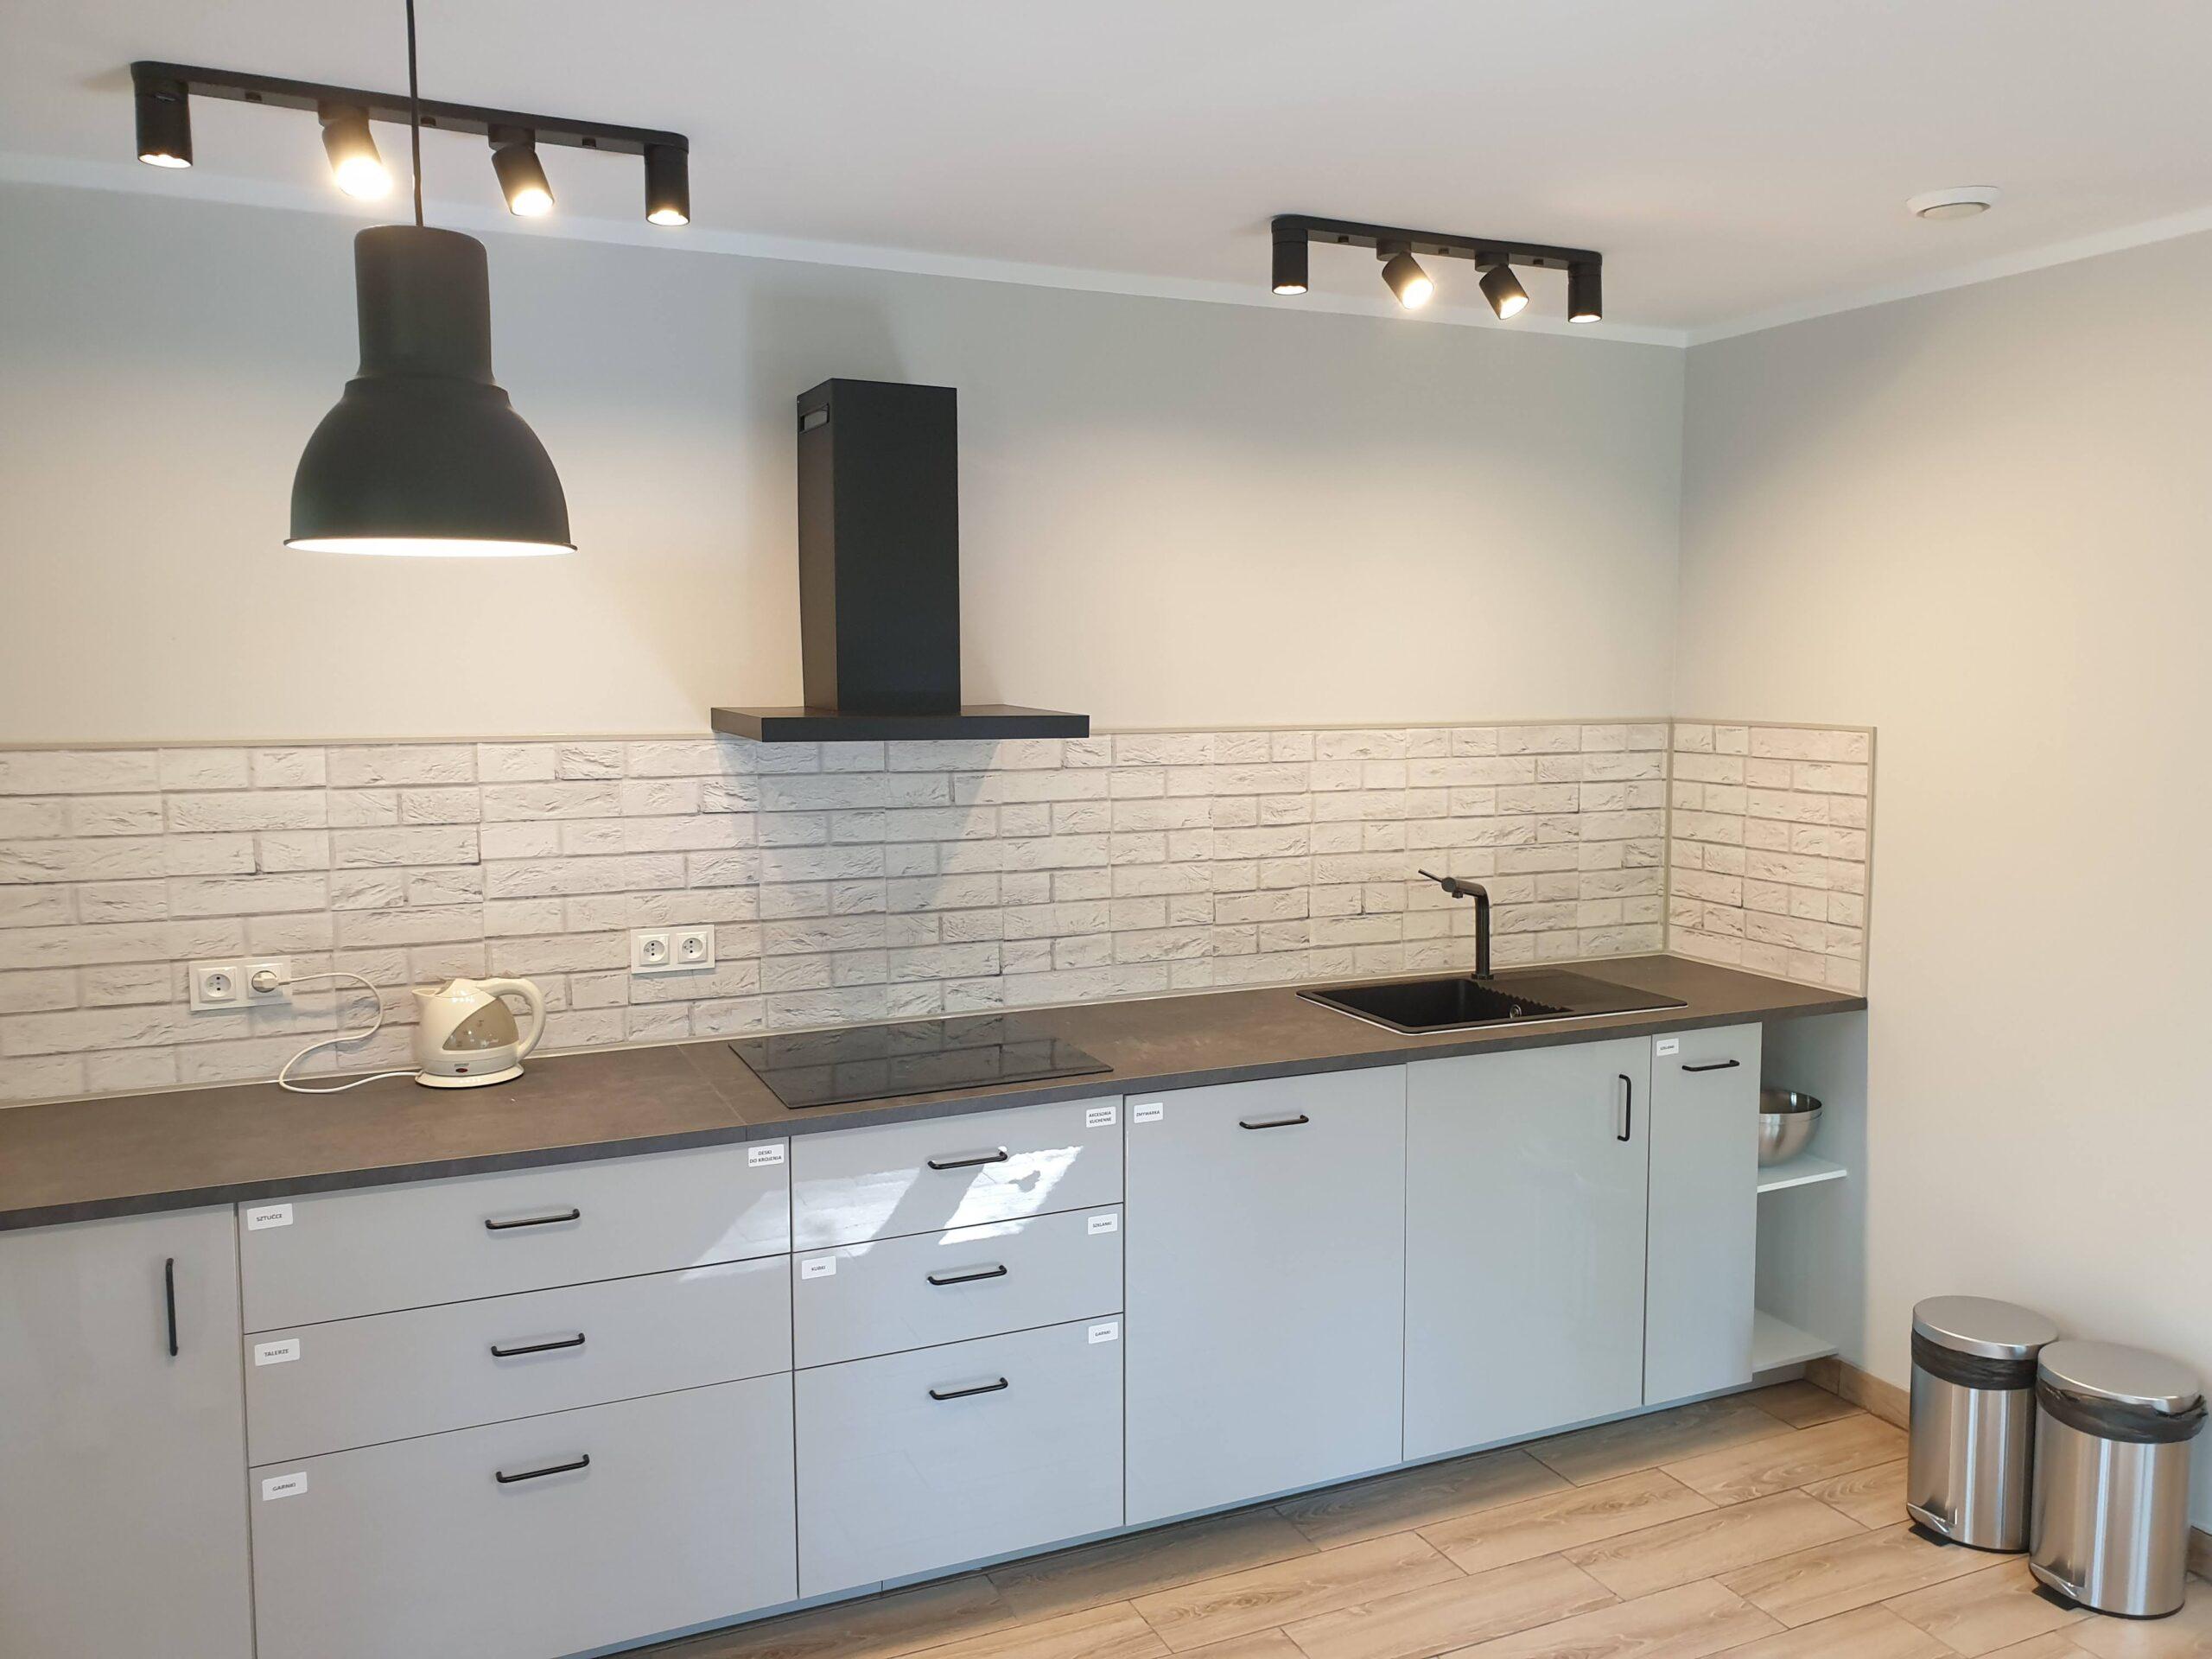 zdjęcie obrazujące wygląd kuchni w ośrodku wypoczynkowym tj. szafki, okap, płytę indukcyjną